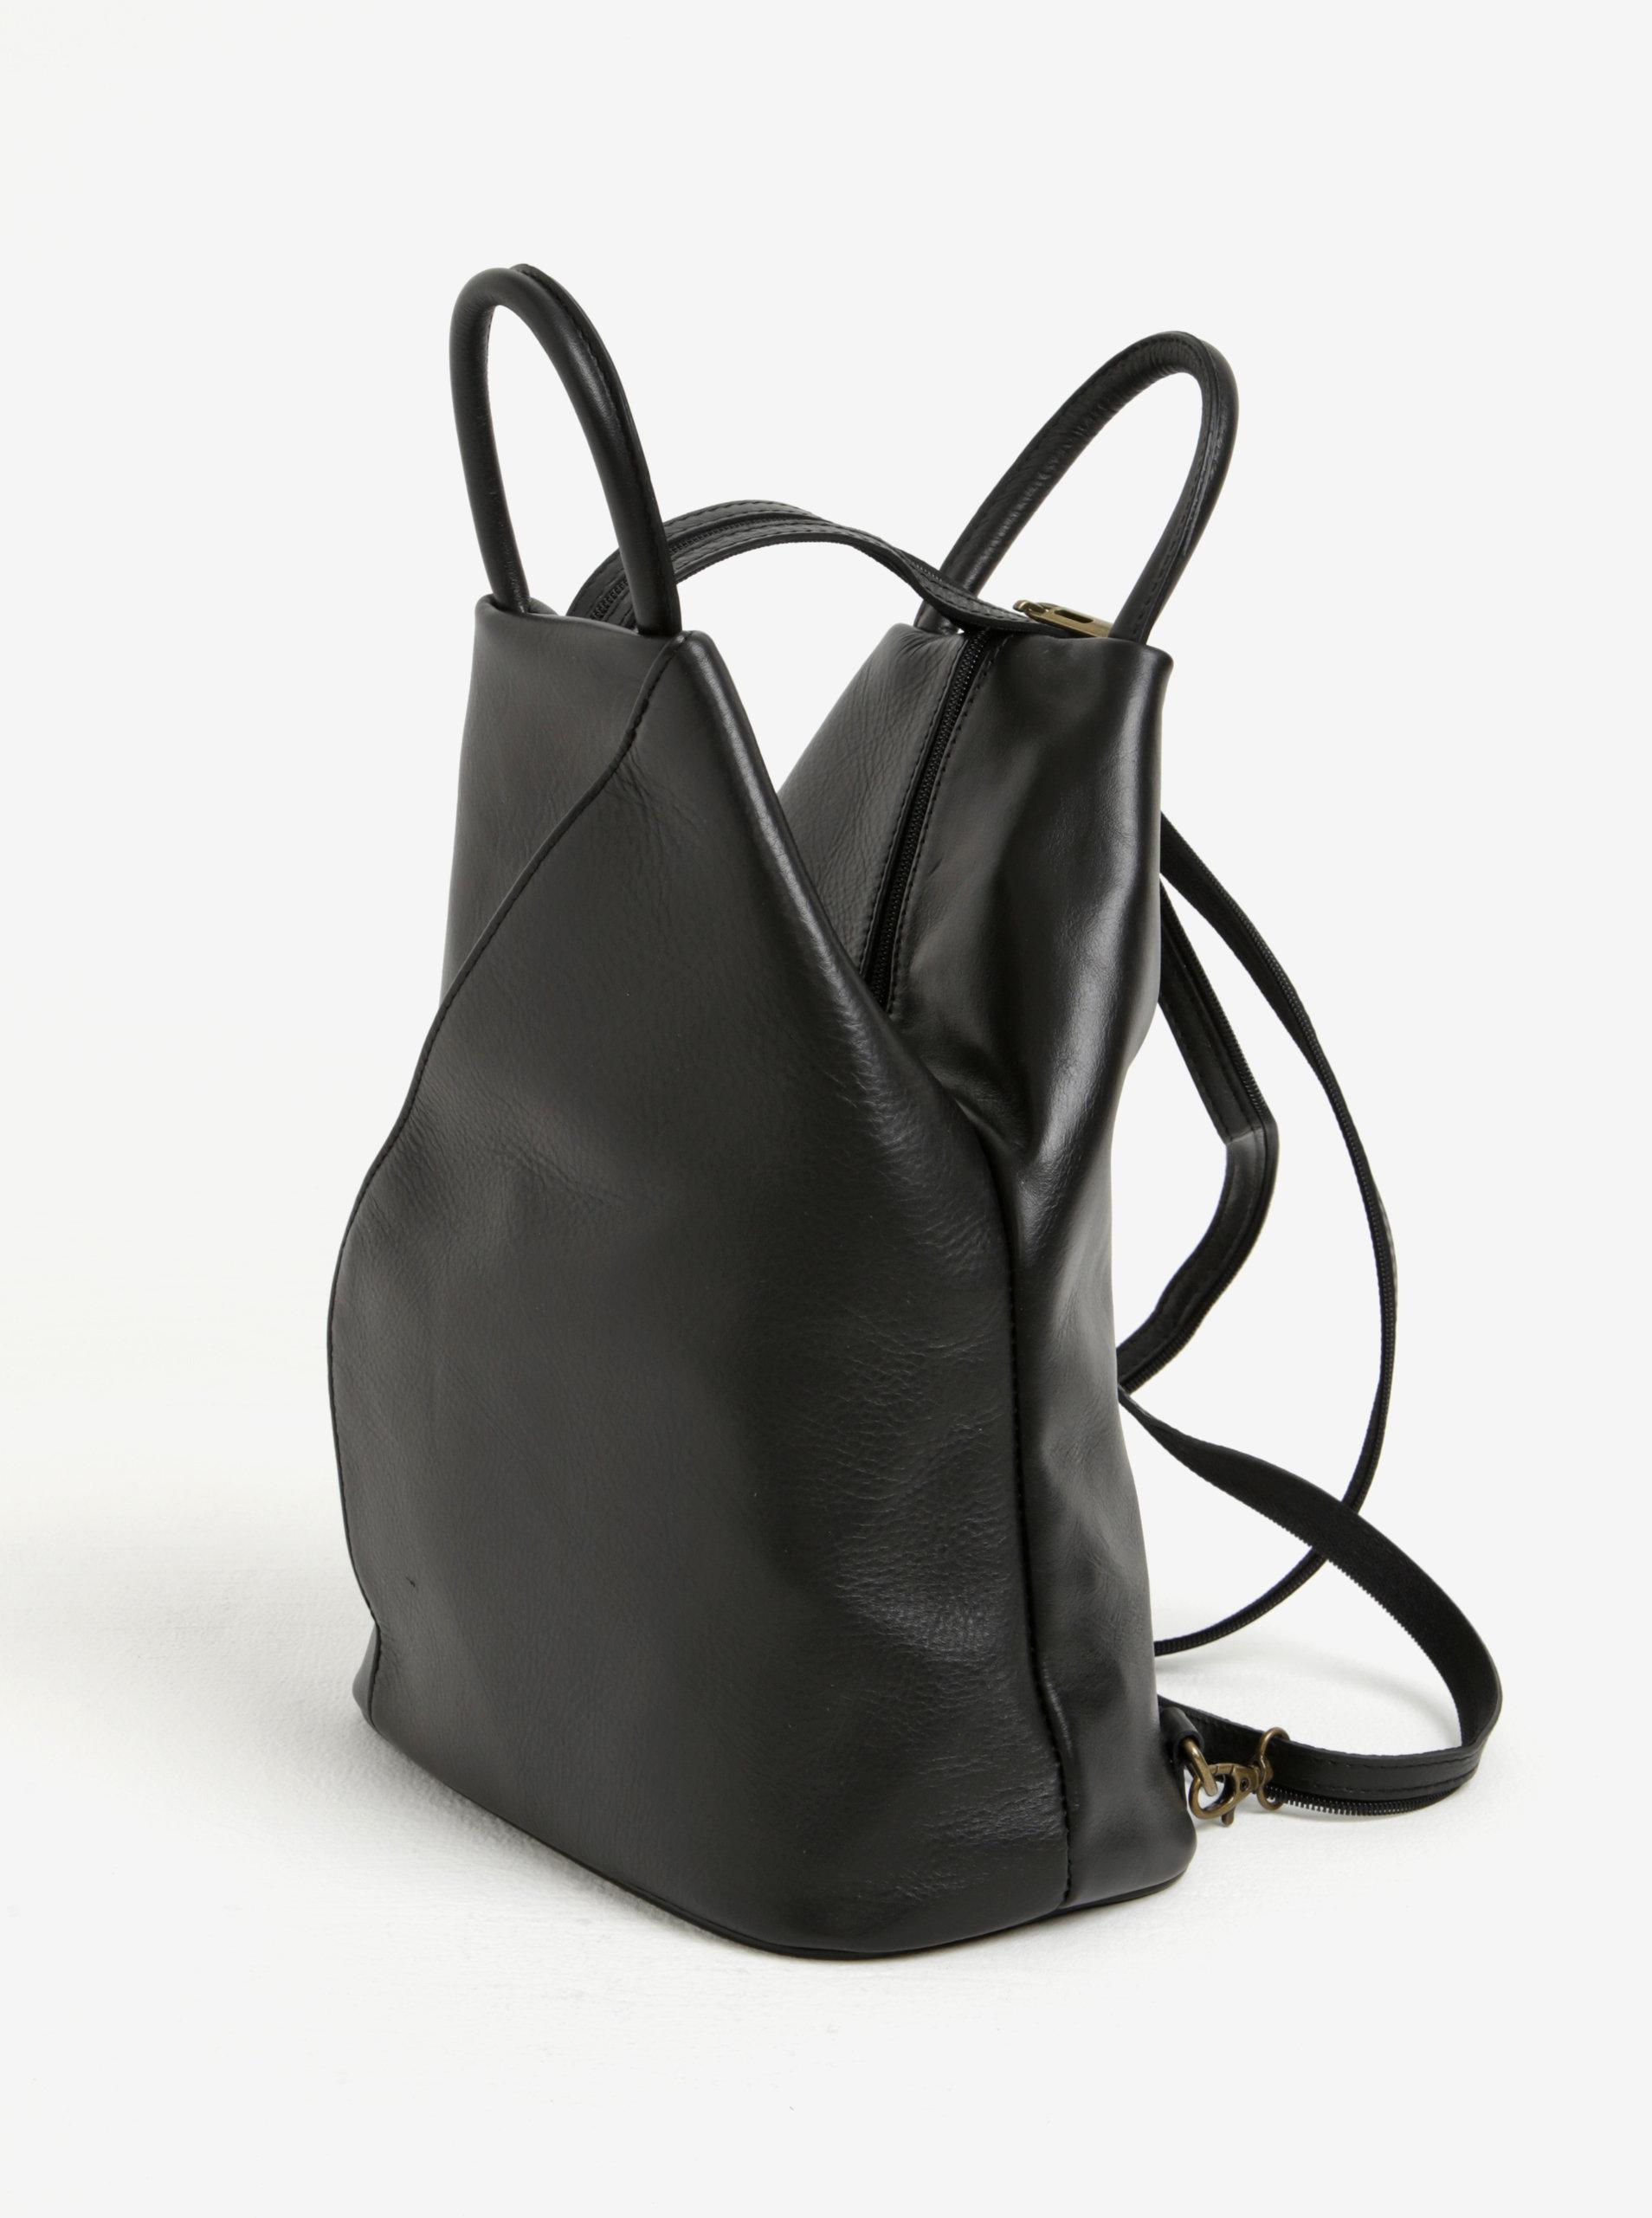 d0ca5422618 Černý dámský kožený batoh KARA ...